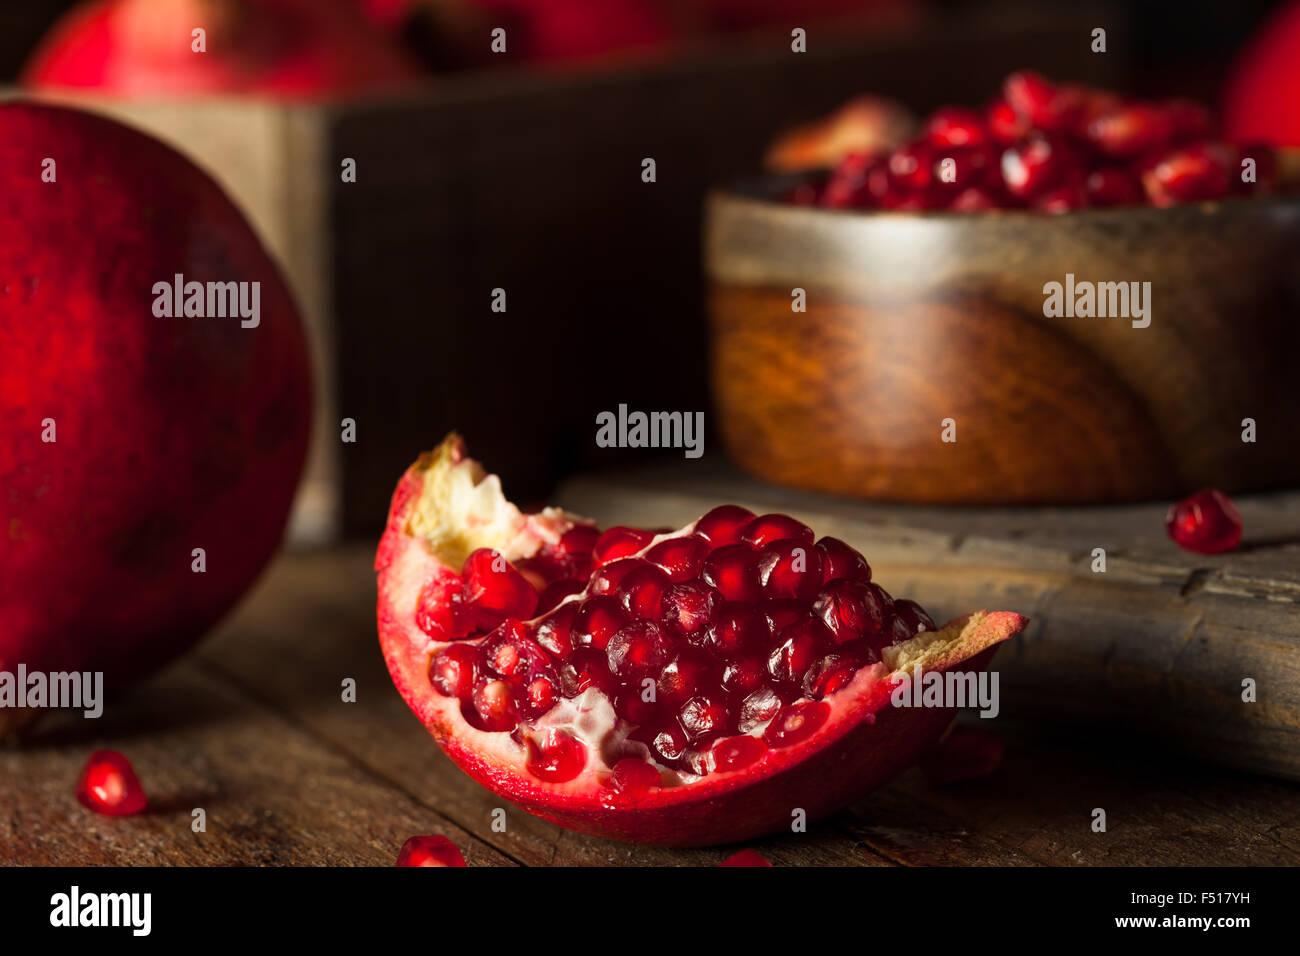 Grenades rouges biologiques crus prêt à manger Photo Stock